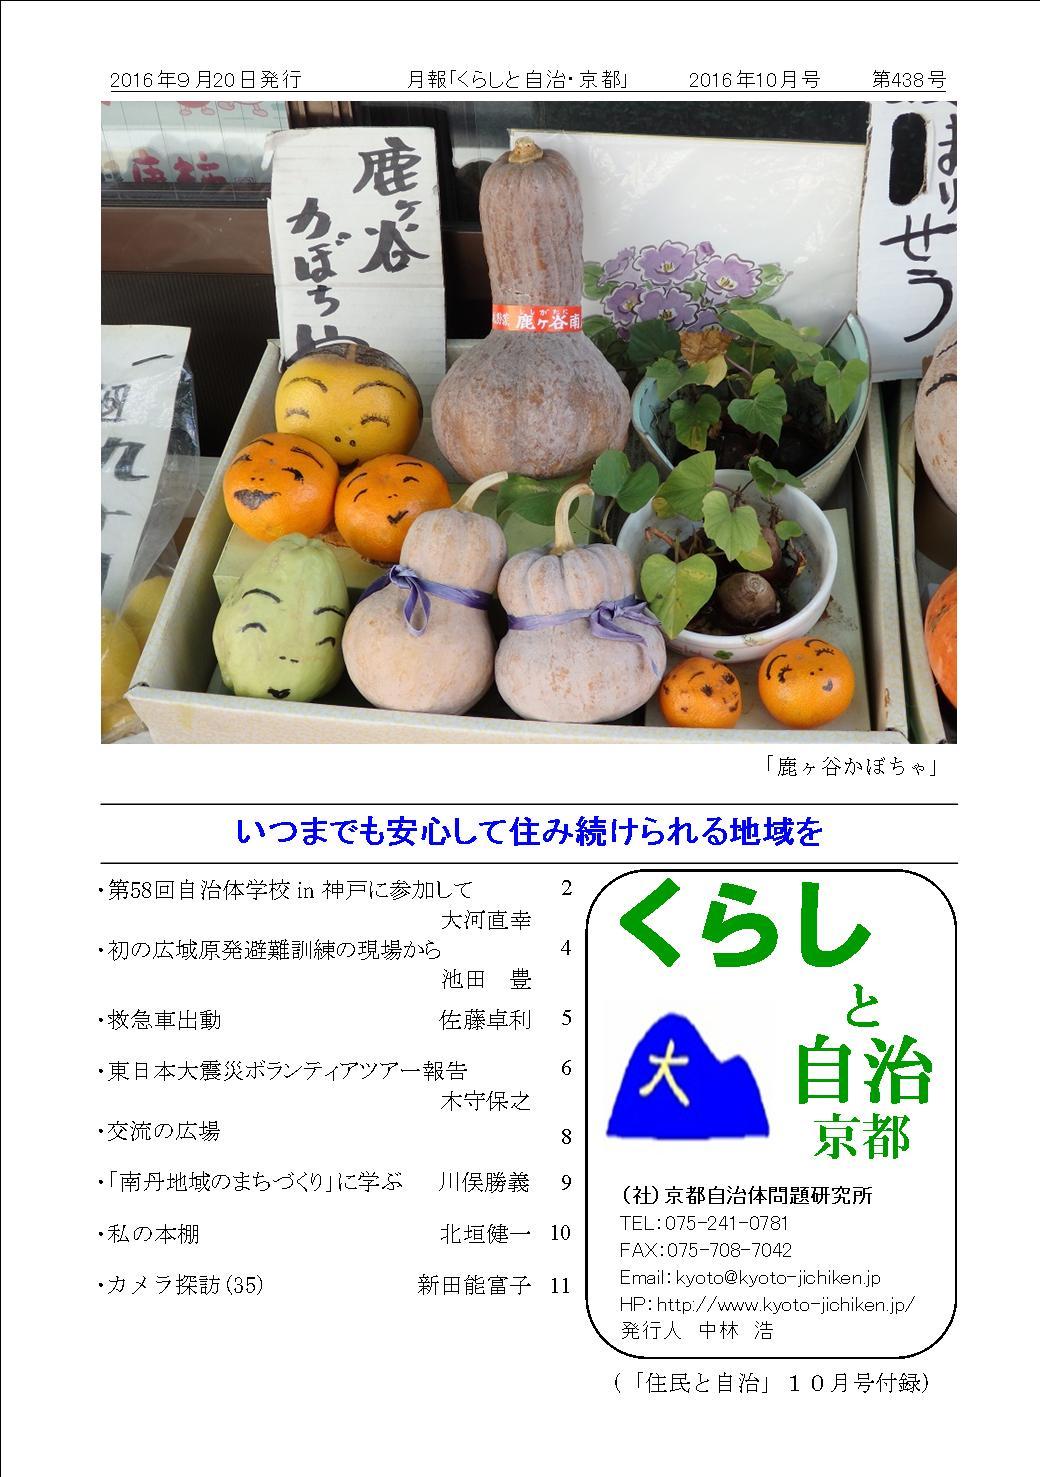 月報「くらしと自治・京都」2015年10月号 第438号